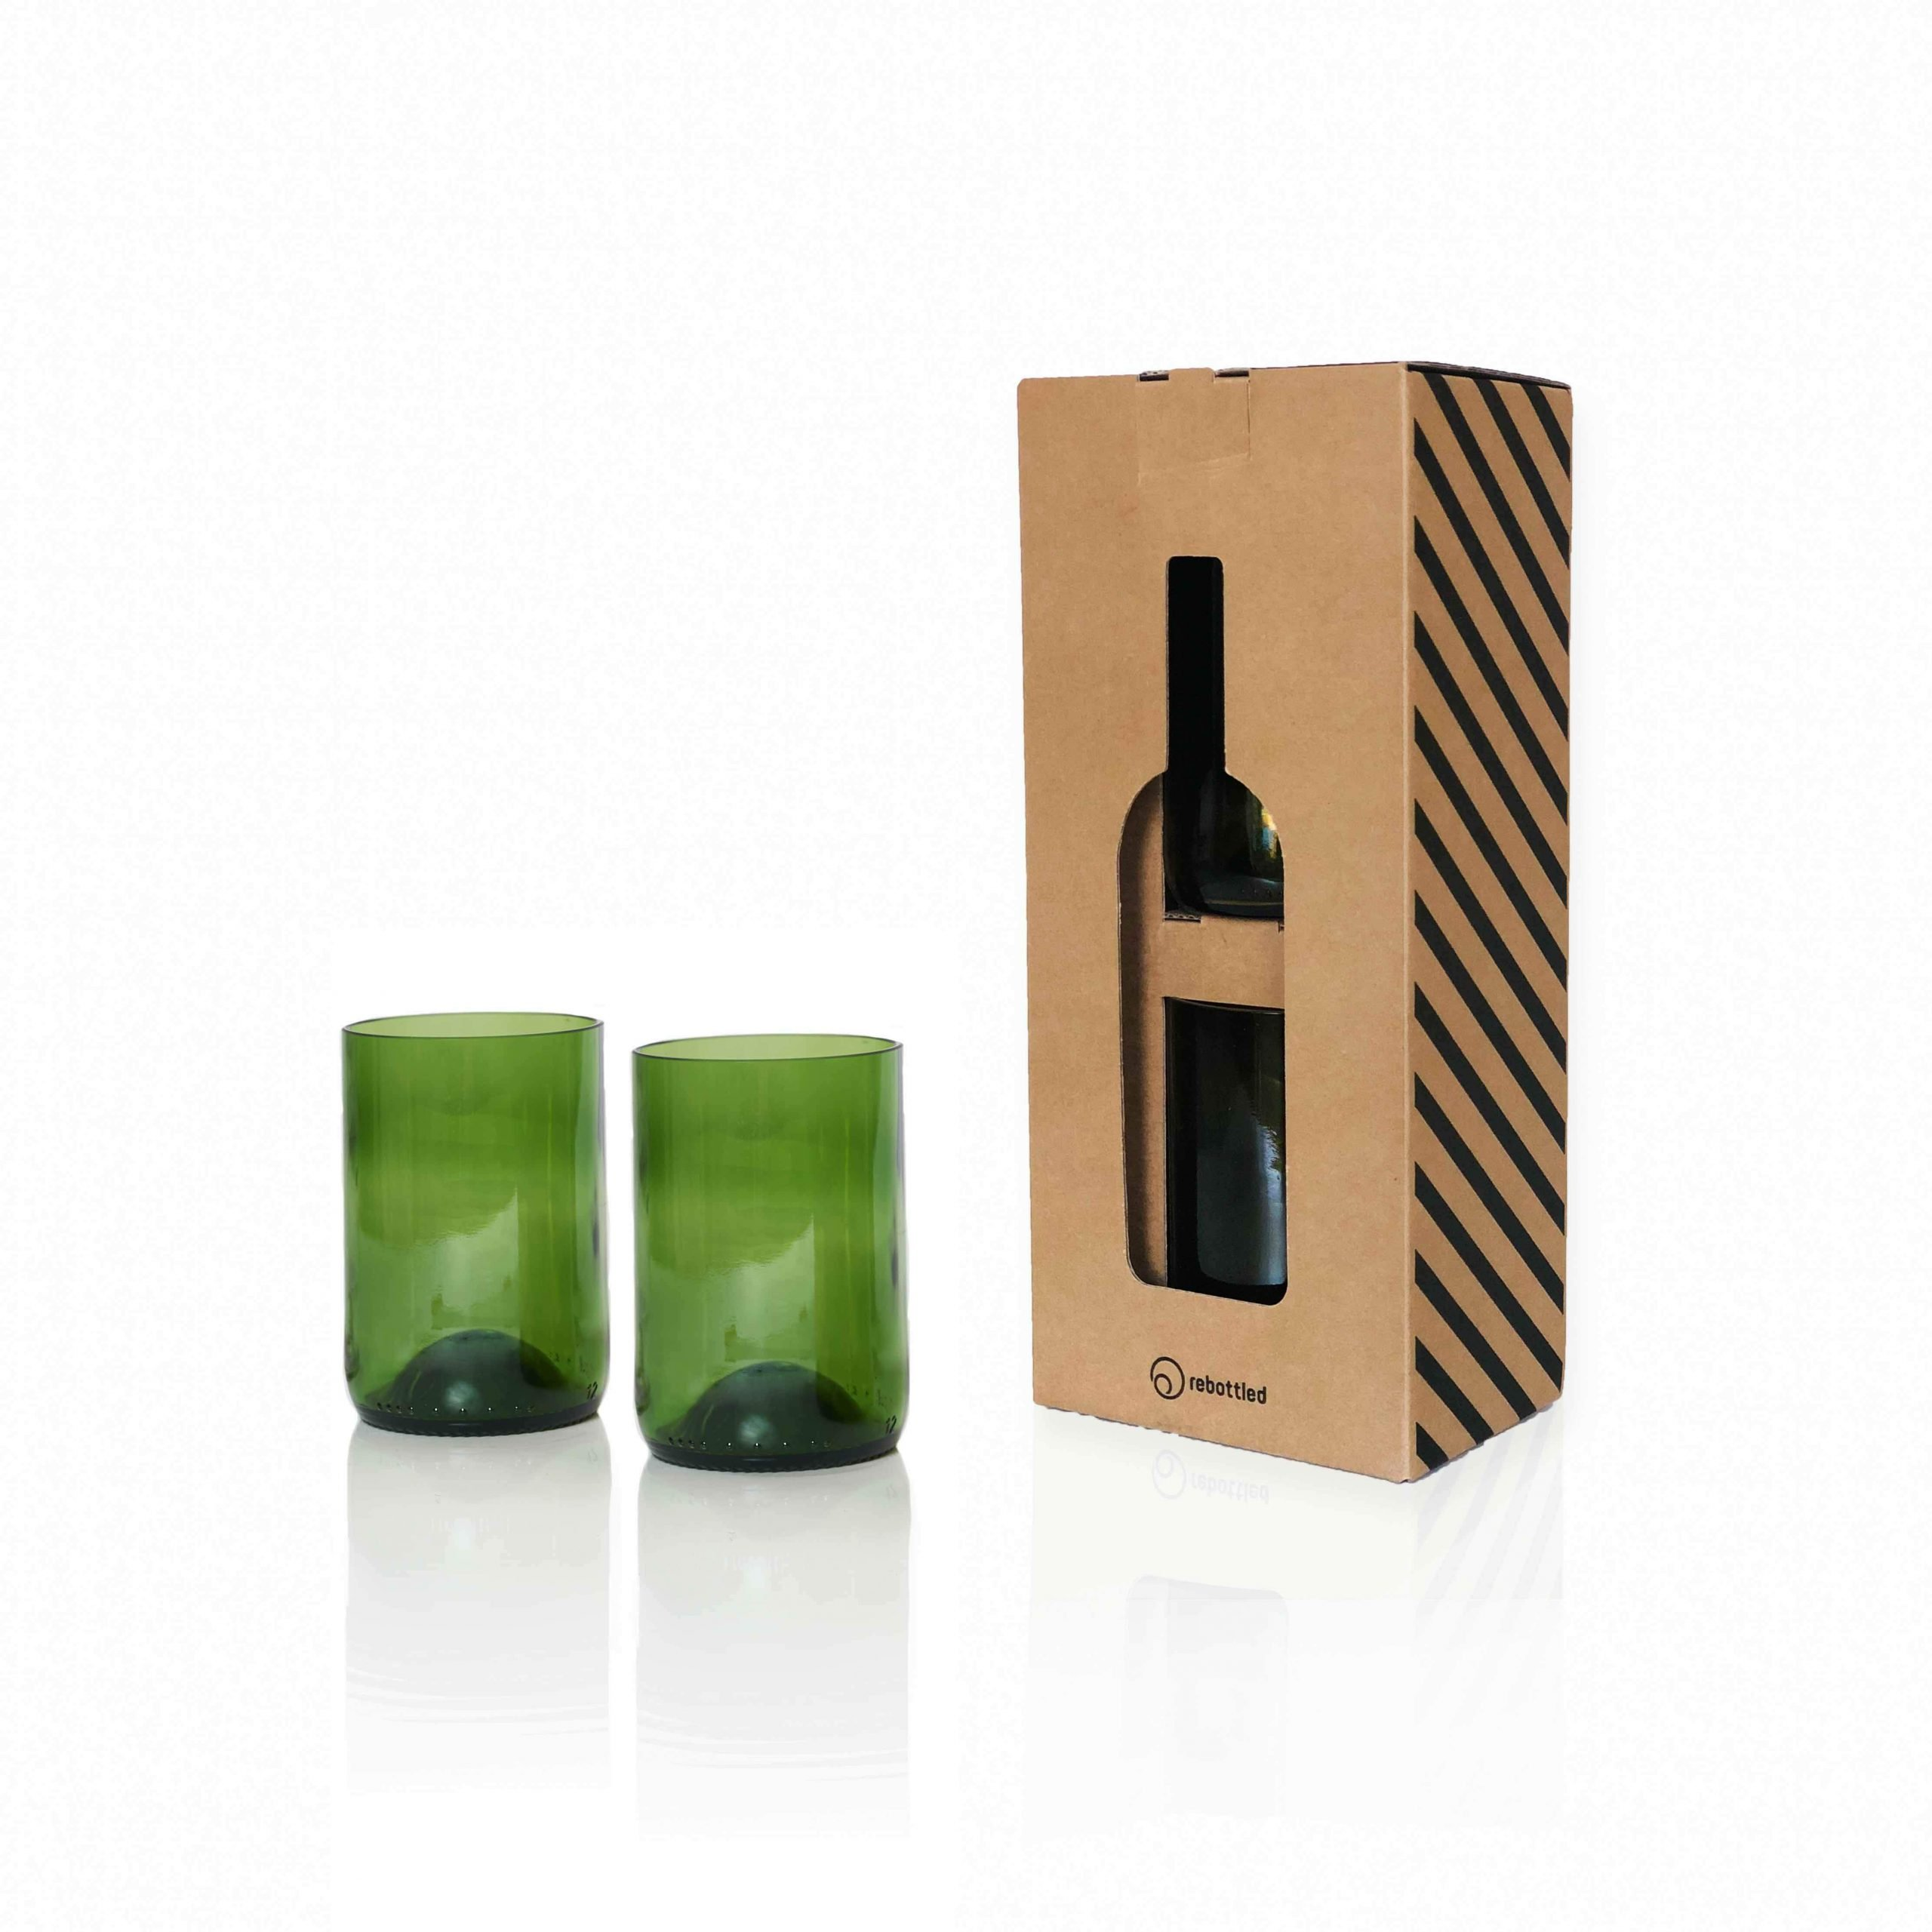 Rebottled Drinkglas 2-Pack Groen